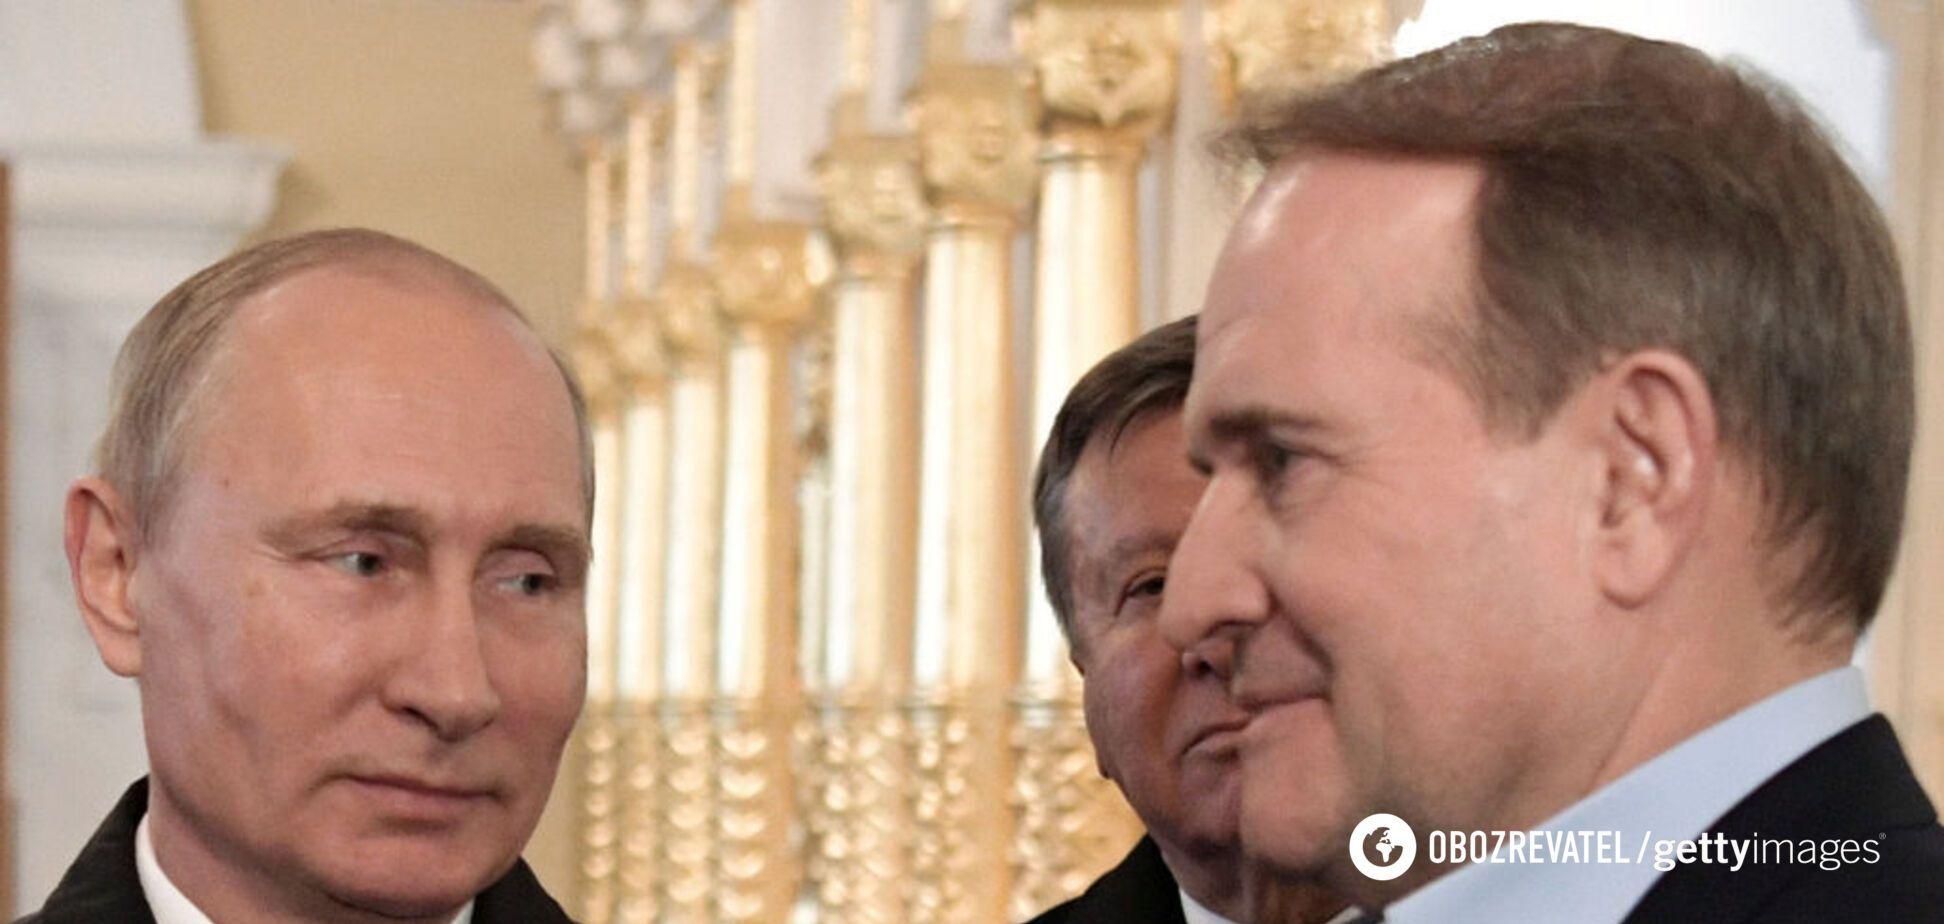 У Путіна заявили, що не допоможуть Медведчуку: він громадянин України